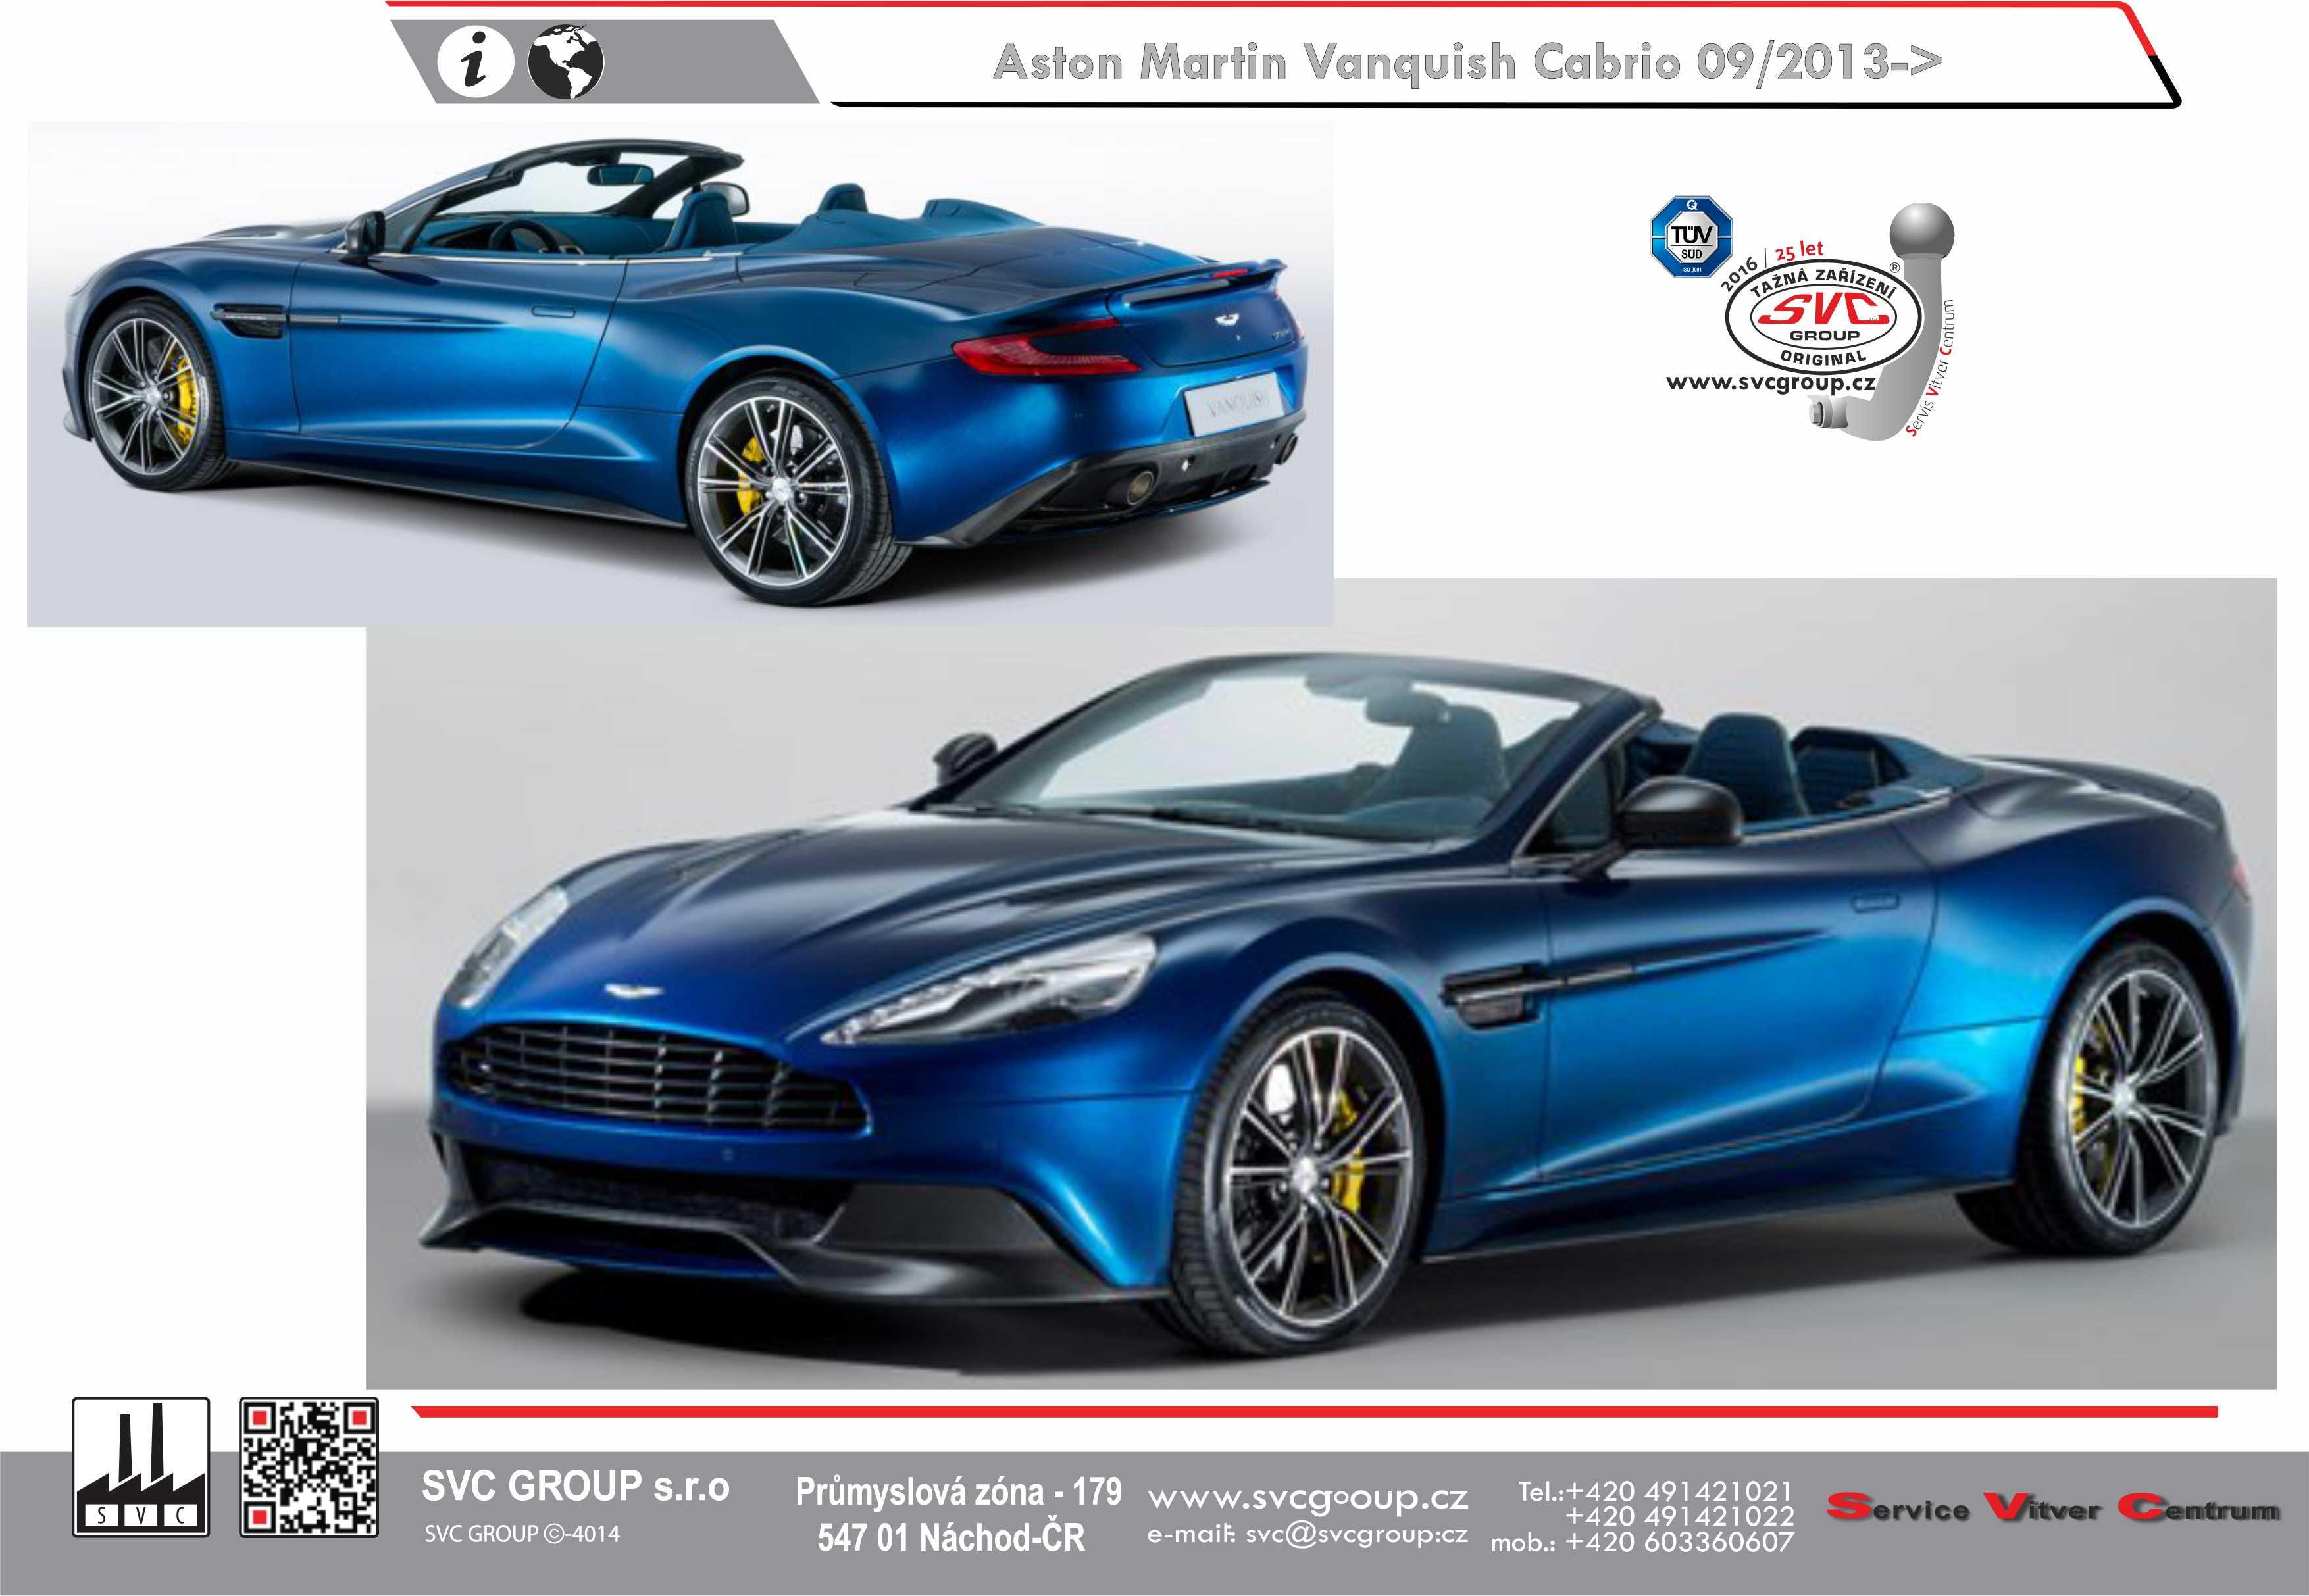 Aston Martin Vanquish Cabrio